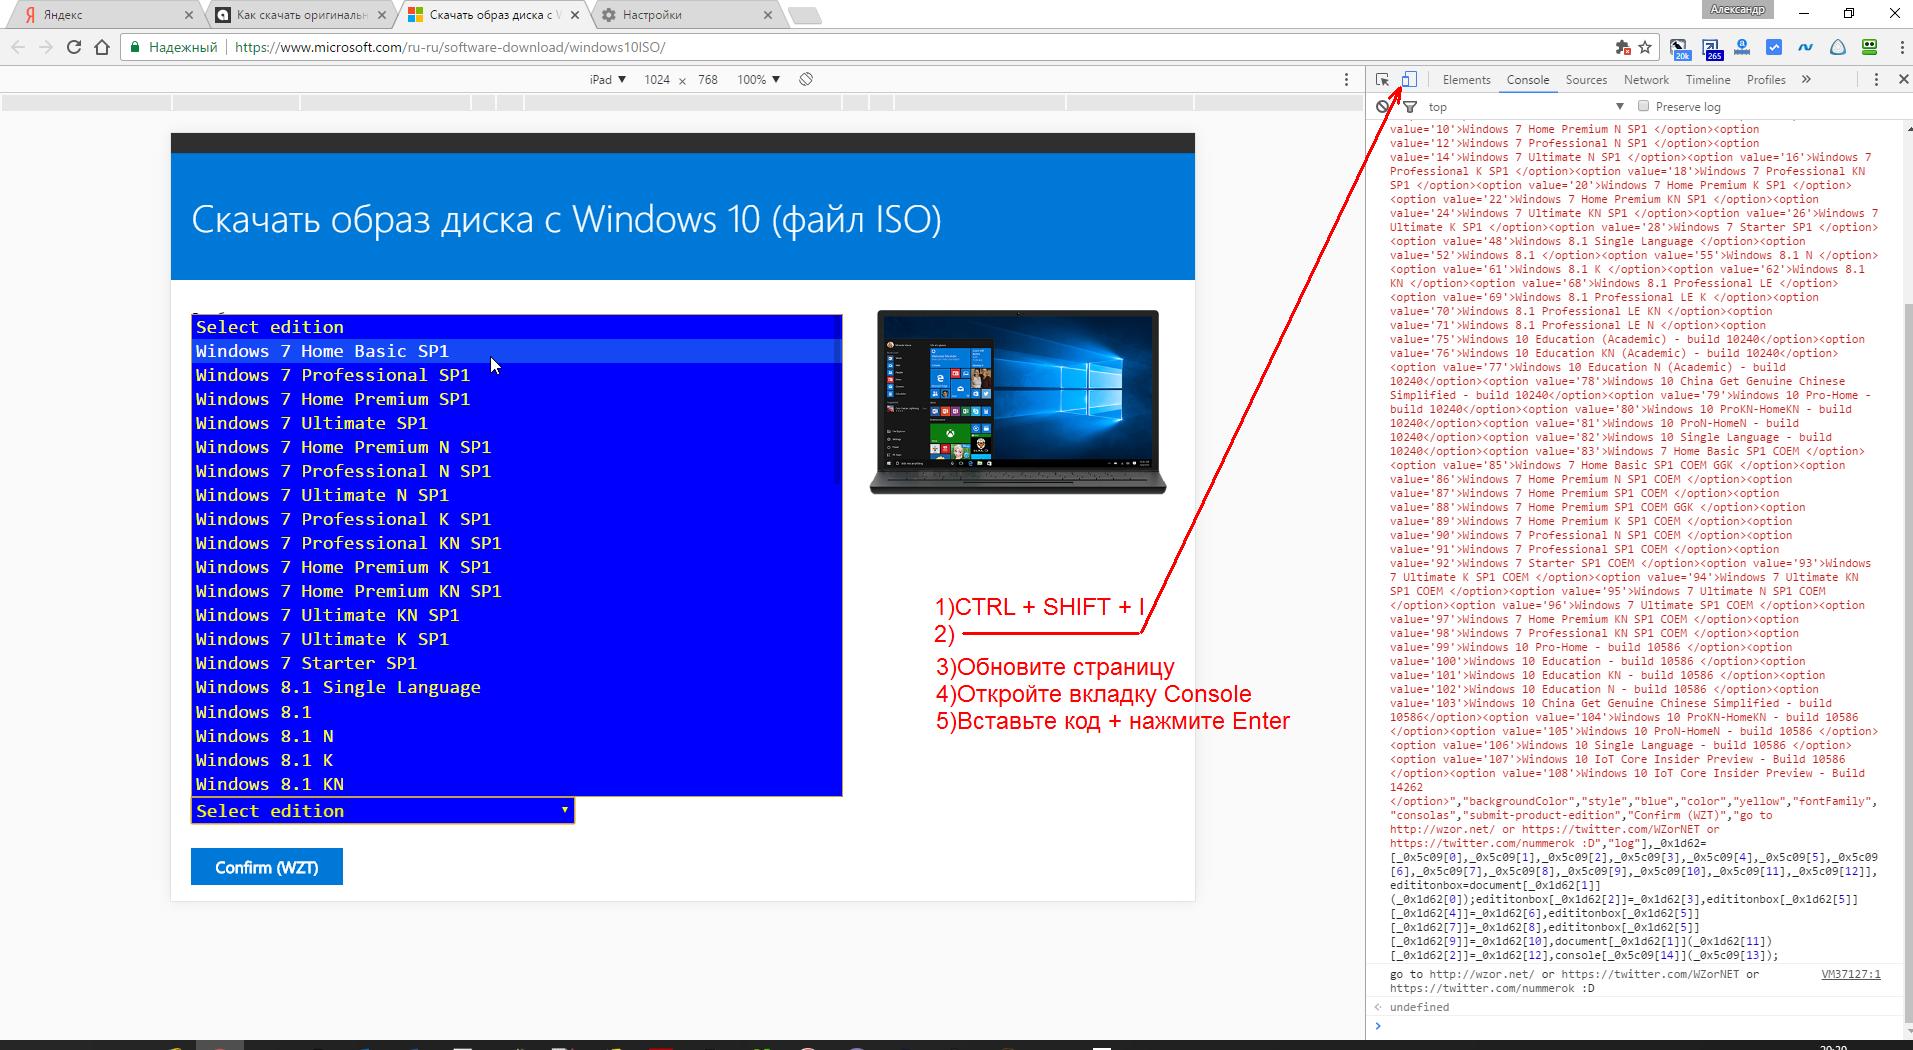 Как сделать загрузочный диск и флешку Windows 7, 8.1, 10 29